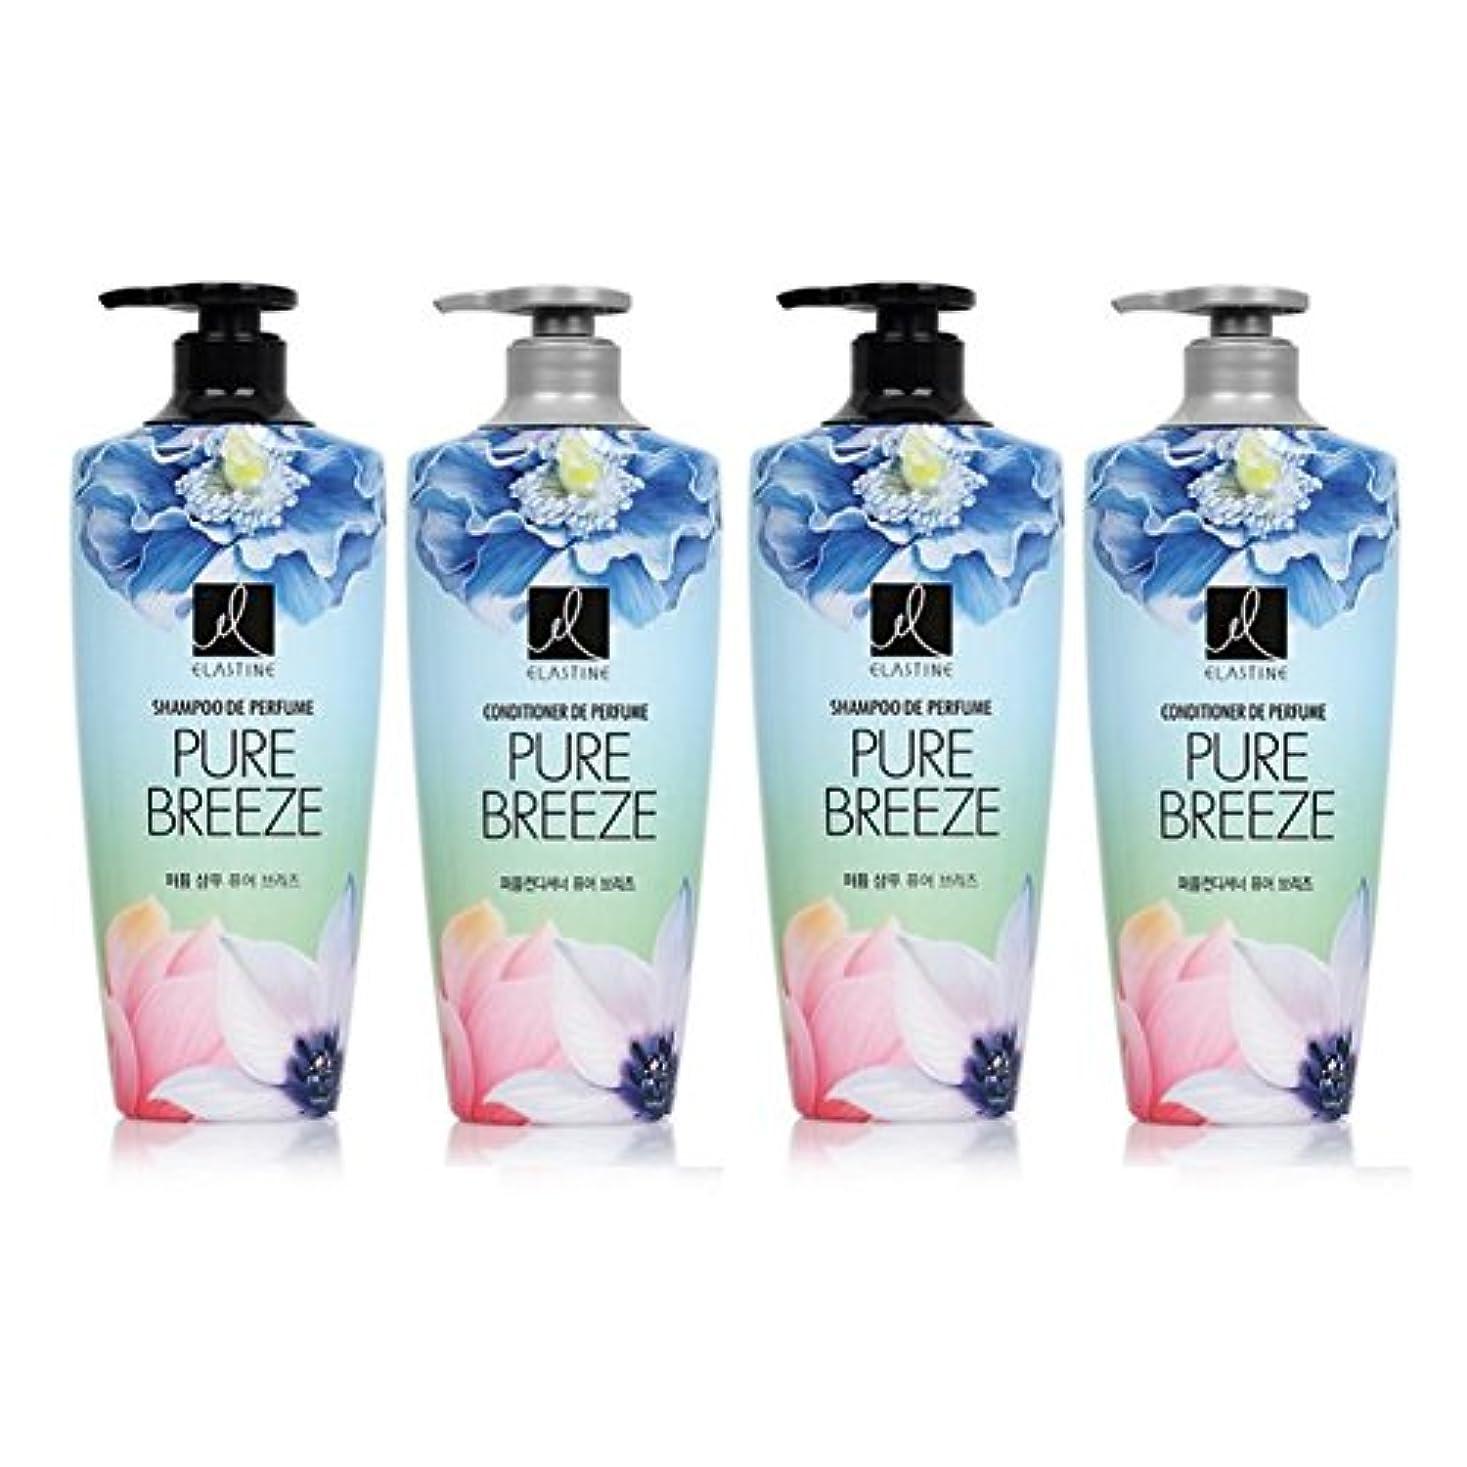 ベスト提供する経済的[エラスティン] Elastine Perfume PURE BREEZE 4本 セット / シャンプー(600ml) + コンディショナー(600ml) / パフュームピュアブリーズ [並行輸入品] (シャンプー 2本...